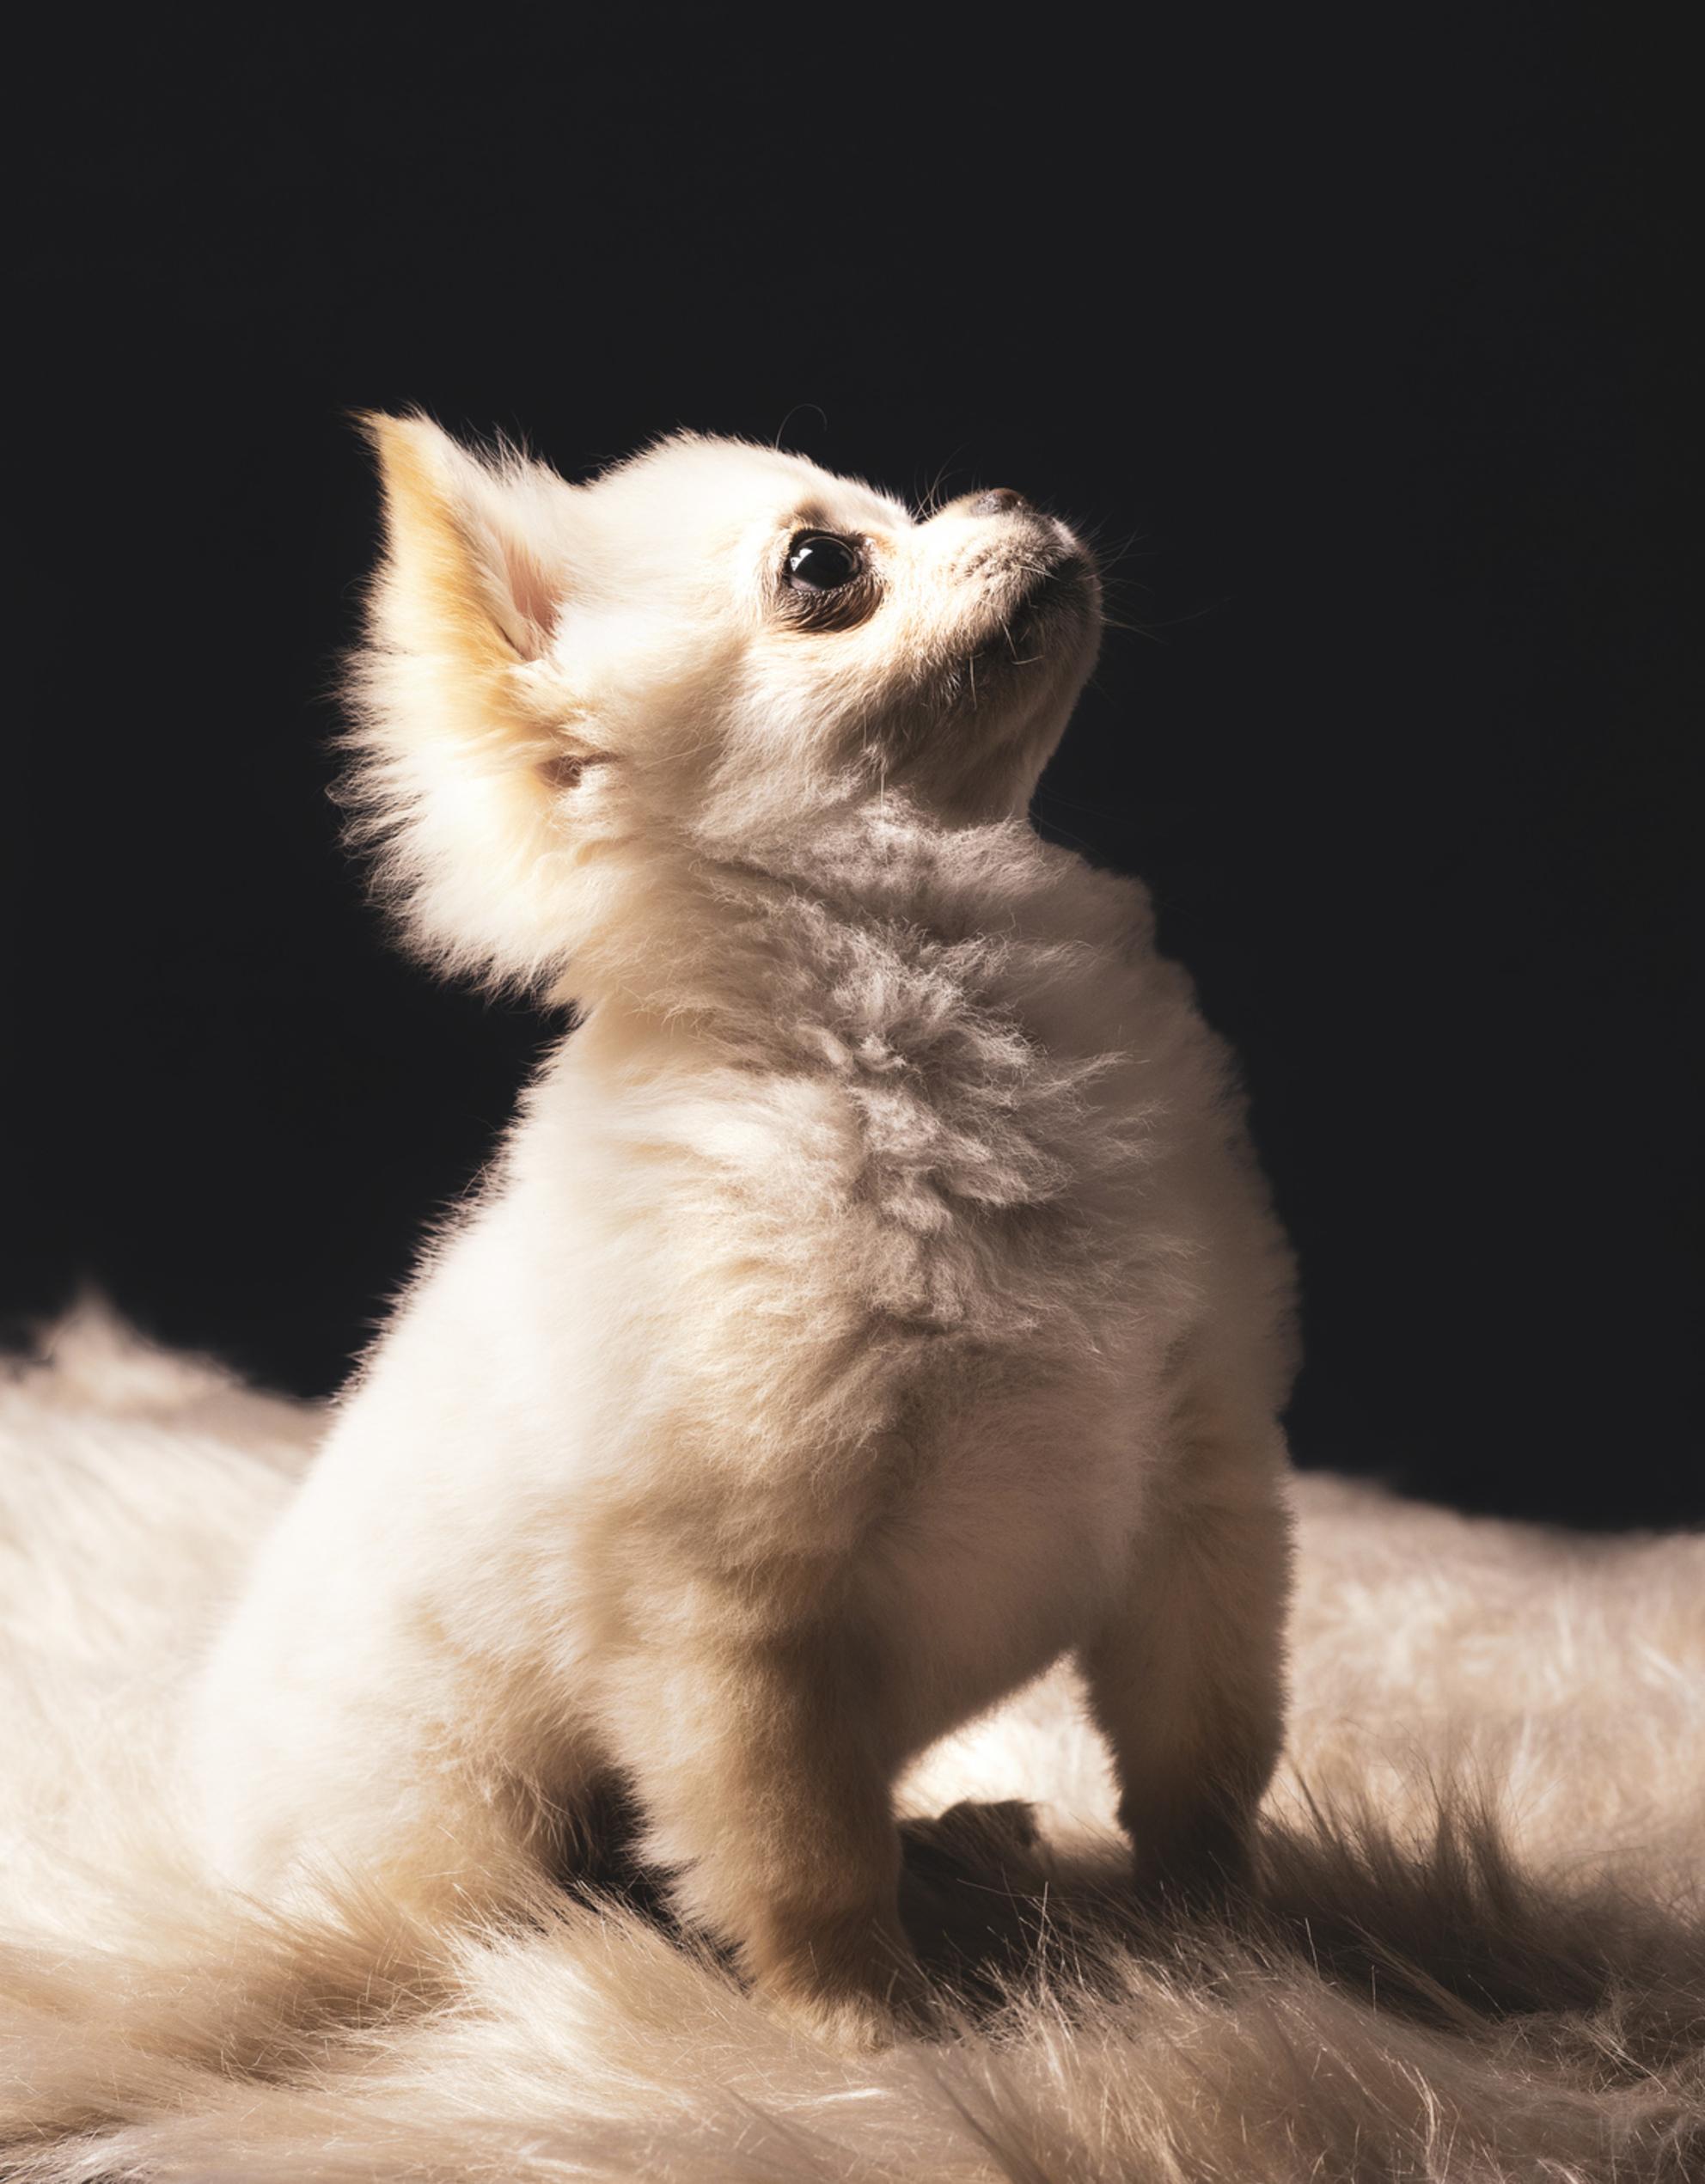 Frenkie - Deze kleine schat op de foto mogen zetten! - foto door SerenaZoom op 27-02-2021 - deze foto bevat: portret, honden, flits, ogen, nikon, studio, photoshop, fotoshoot, flitser, hondenfotografie